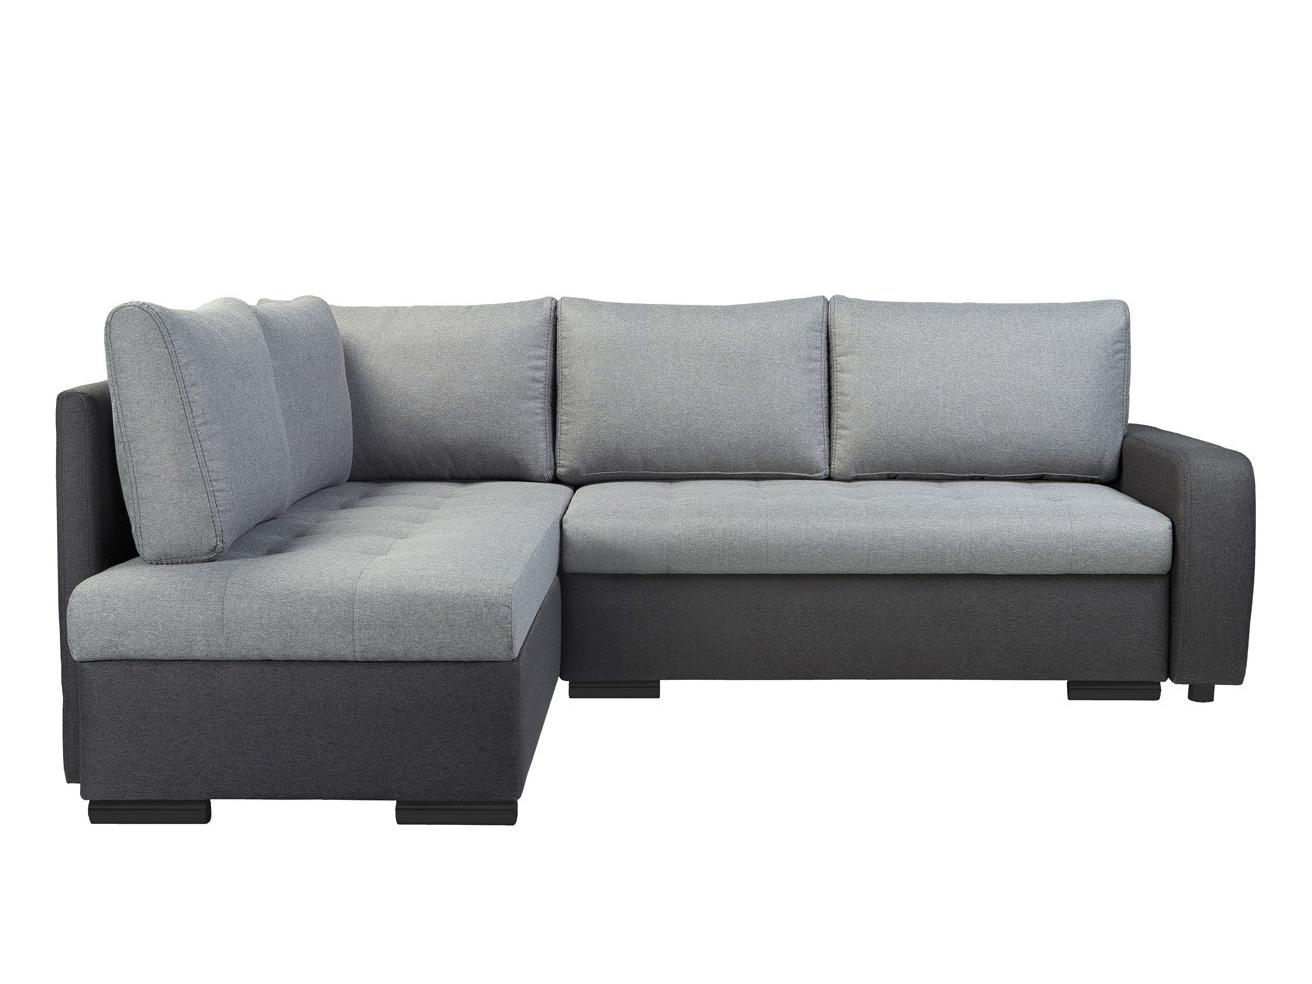 Rohová sedací souprava - BRW - Olimp Lux 3DL.RECBKMU LED šedá (L) (s osvětlením)